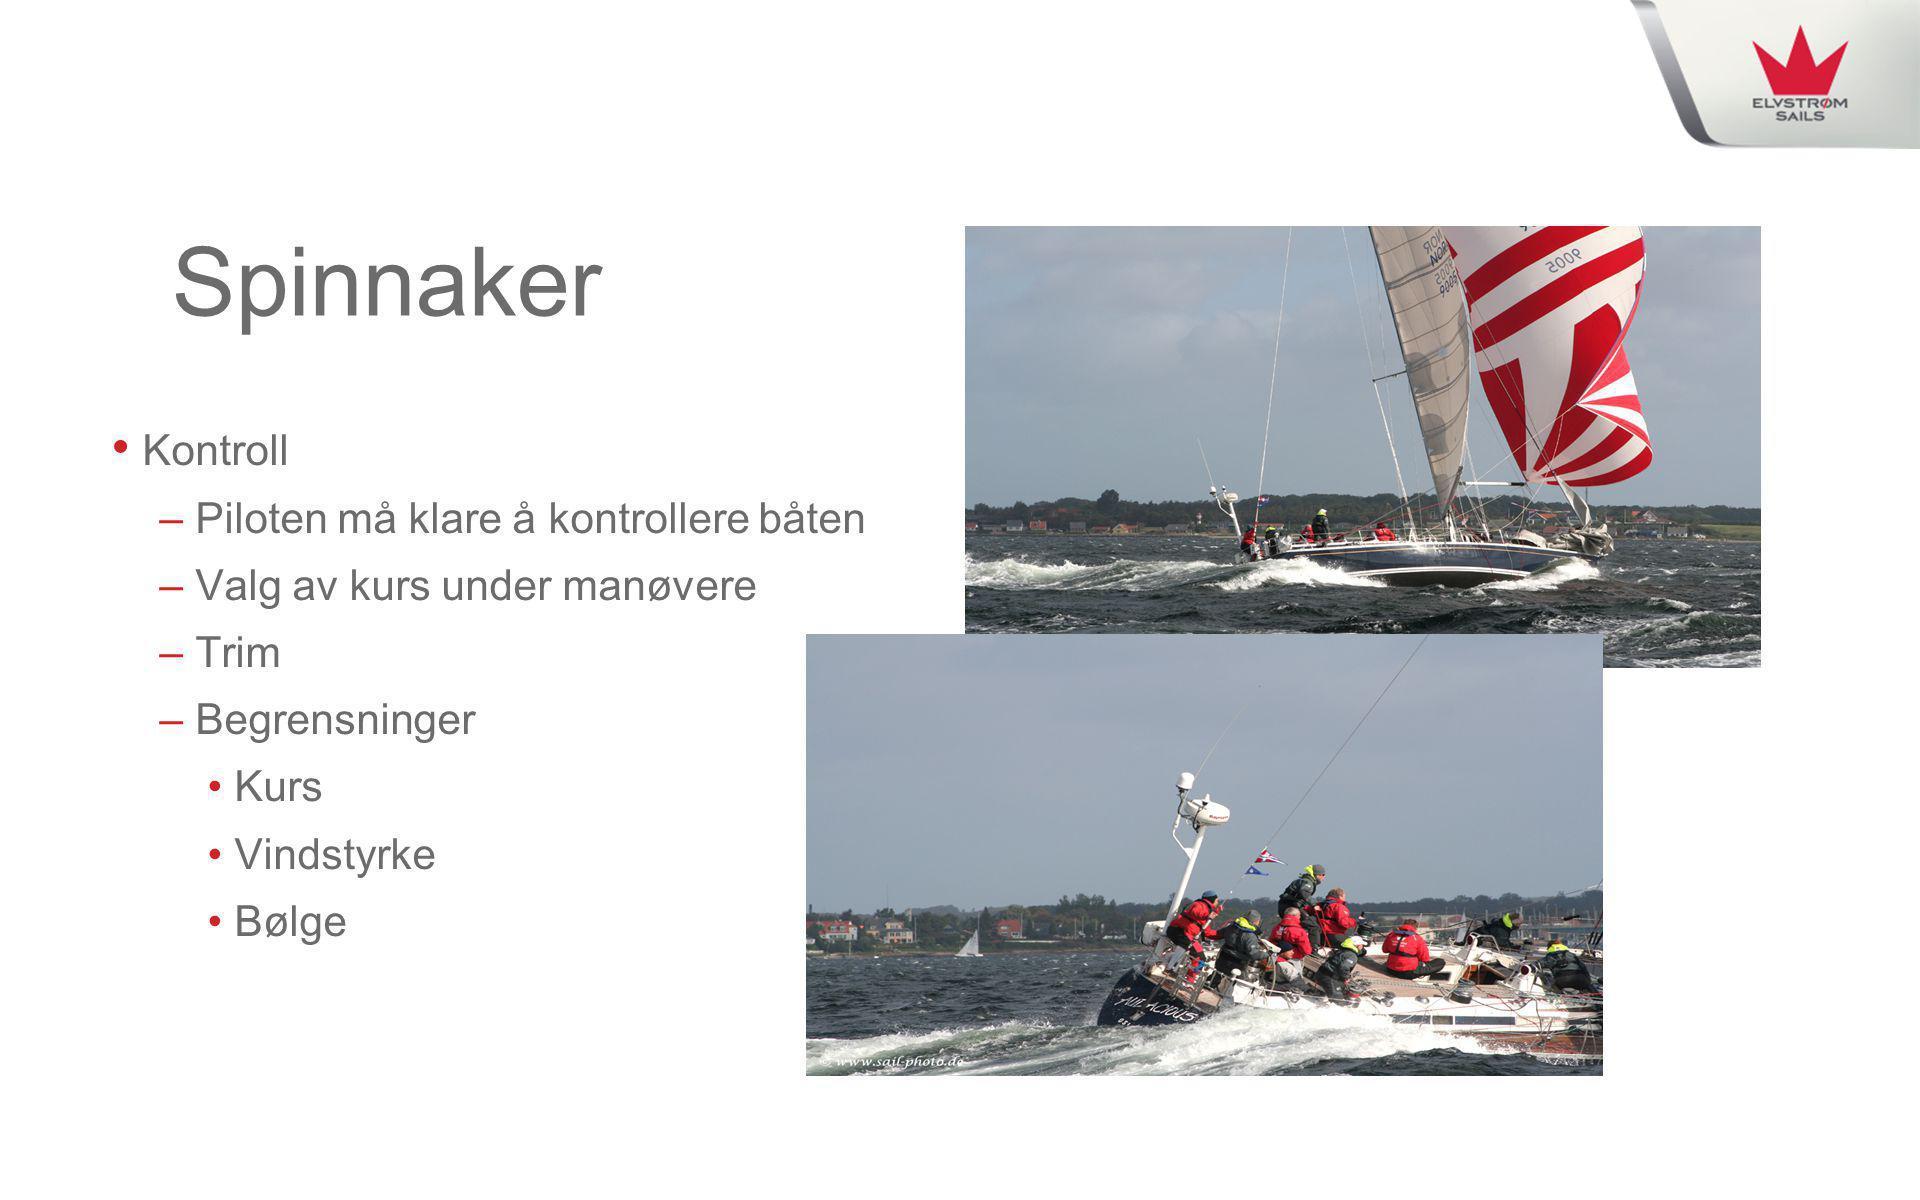 Spinnaker • Kontroll – Piloten må klare å kontrollere båten – Valg av kurs under manøvere – Trim – Begrensninger • Kurs • Vindstyrke • Bølge